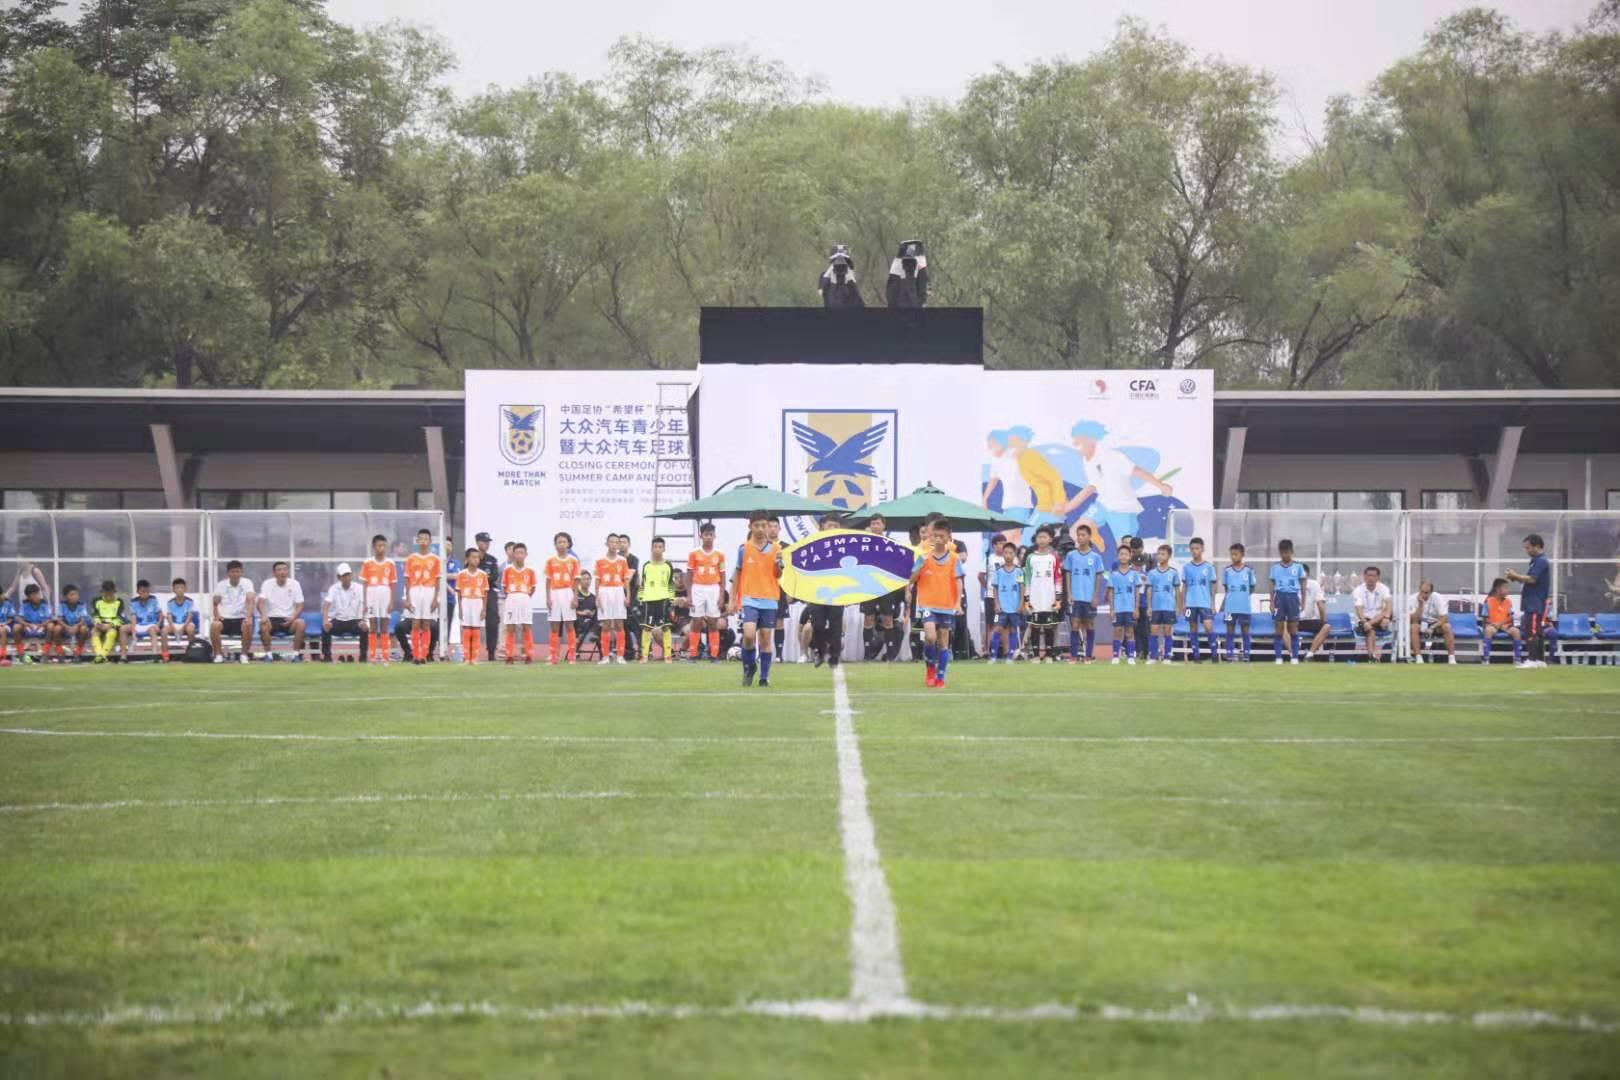 皇冠比分24500软件打不开开启中国青训新篇章 大众青少年足球希望杯落幕